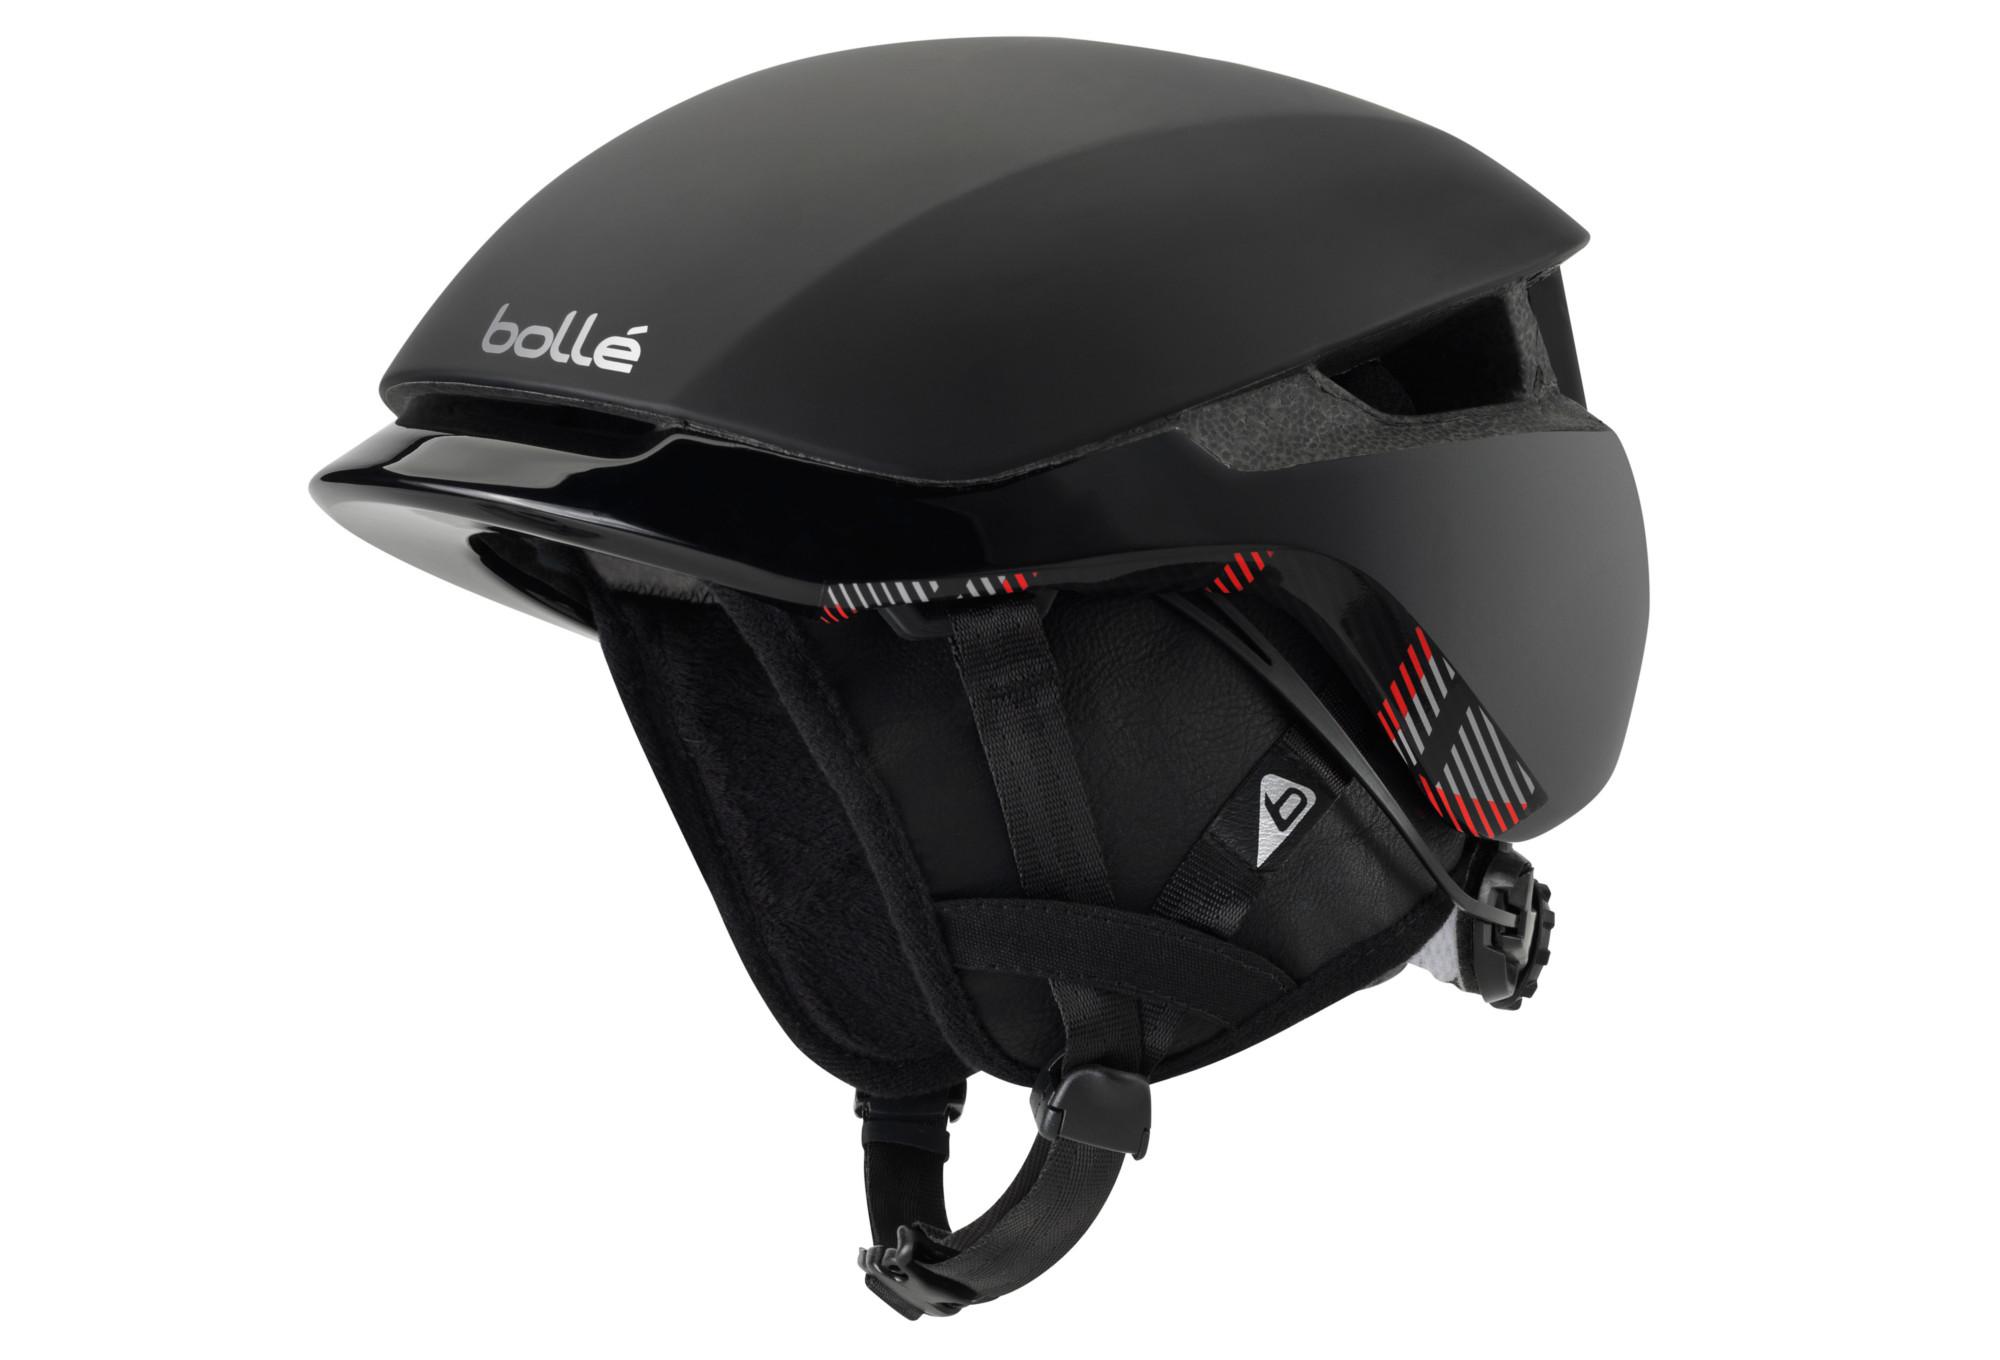 Casque Cyclisme - Messenger Premium - Noir c8xRl23nt